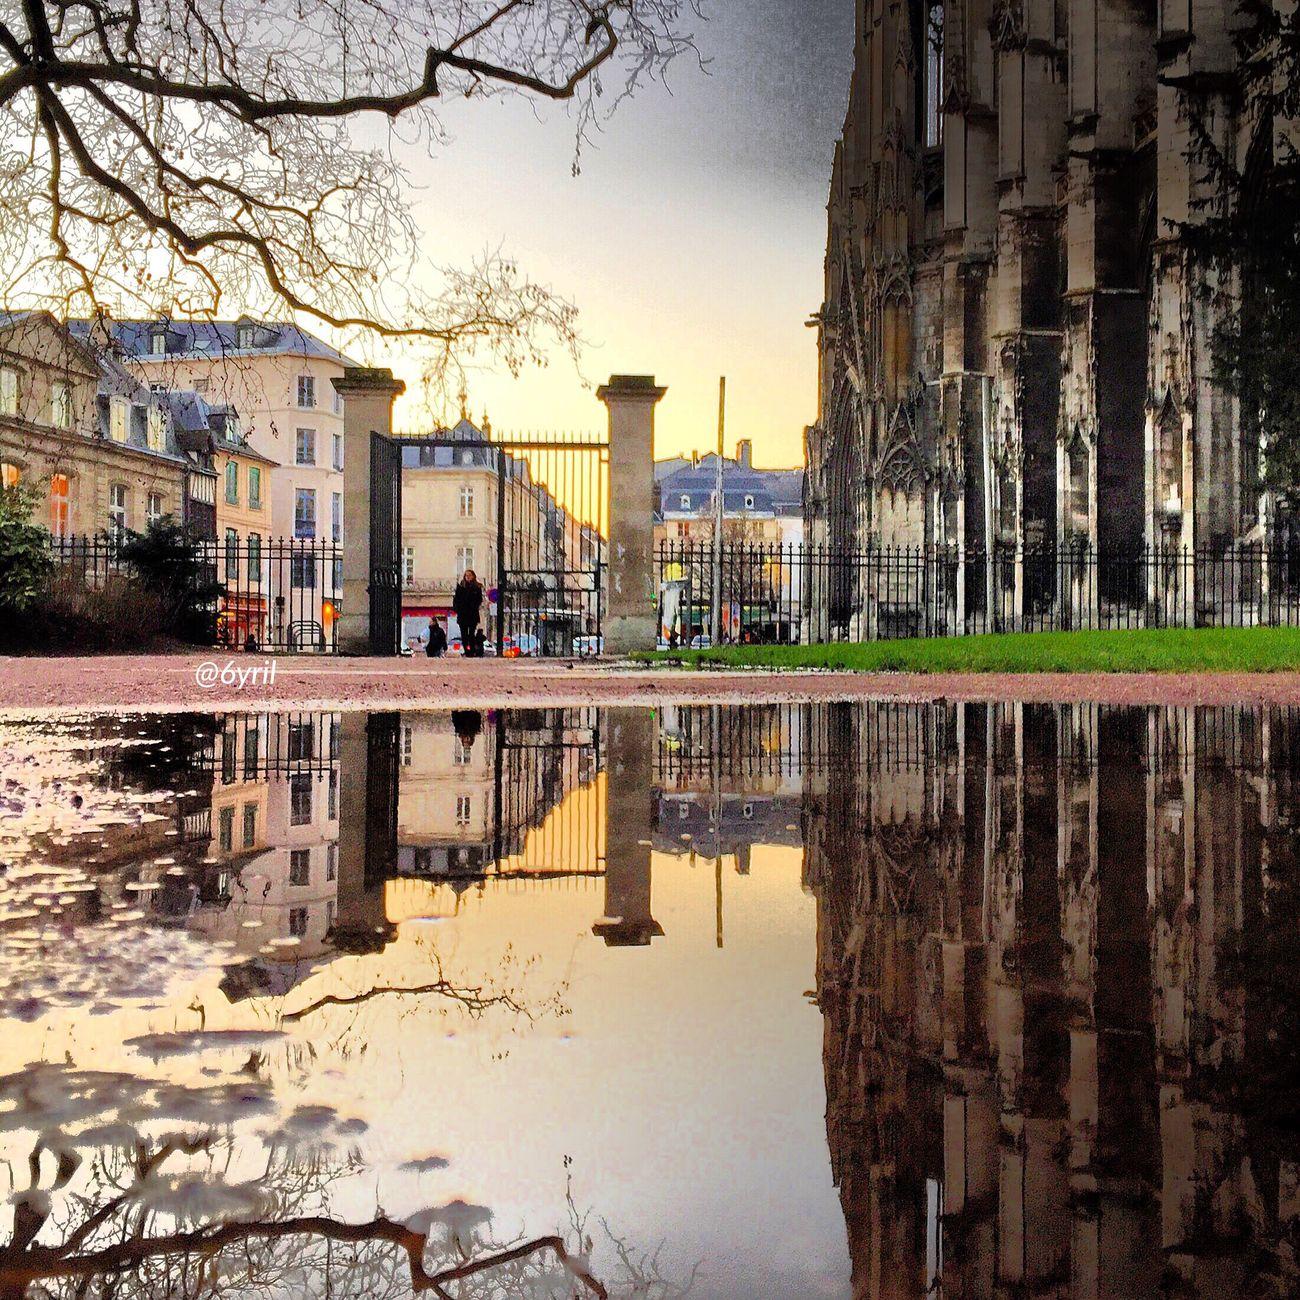 Rouen Rouen, France Rouentourisme Normandie Normandy Normandia  Normandie France France France 🇫🇷 Puddle Reflections Reflections